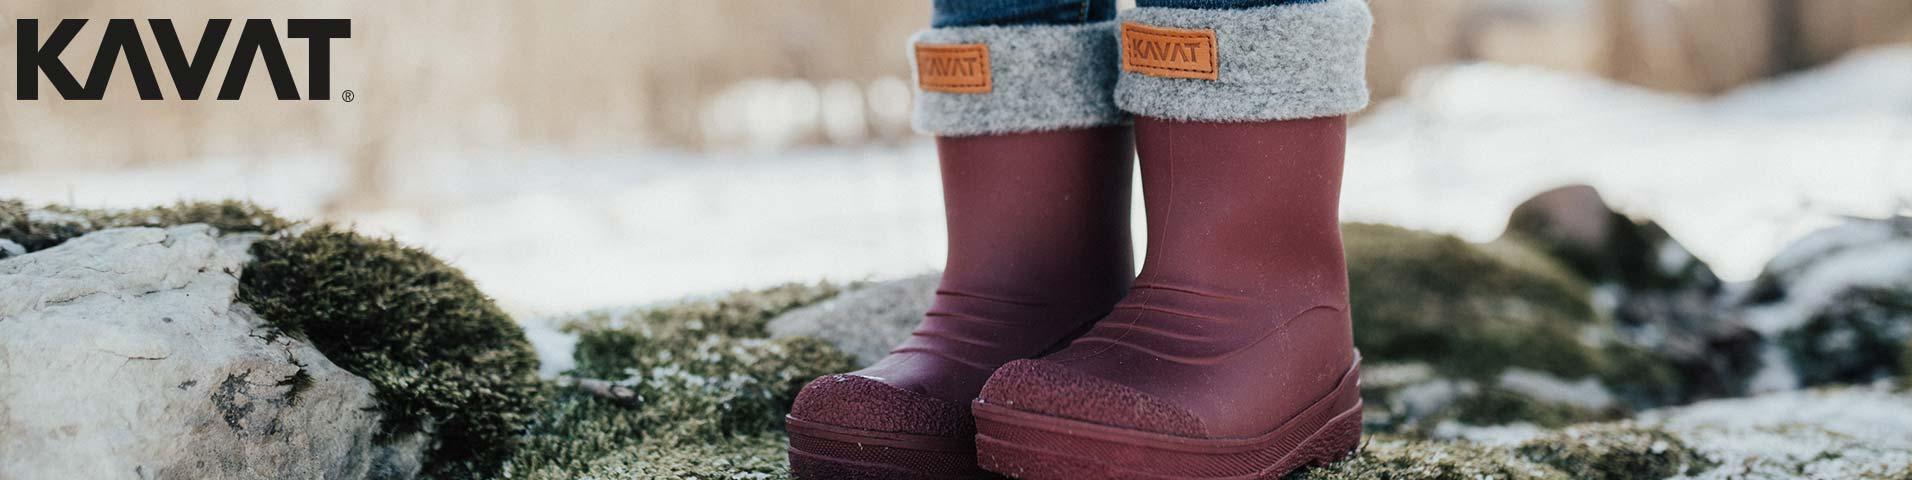 Gula Kavat Skor & kläder online. Alltid Fri Frakt & Retur